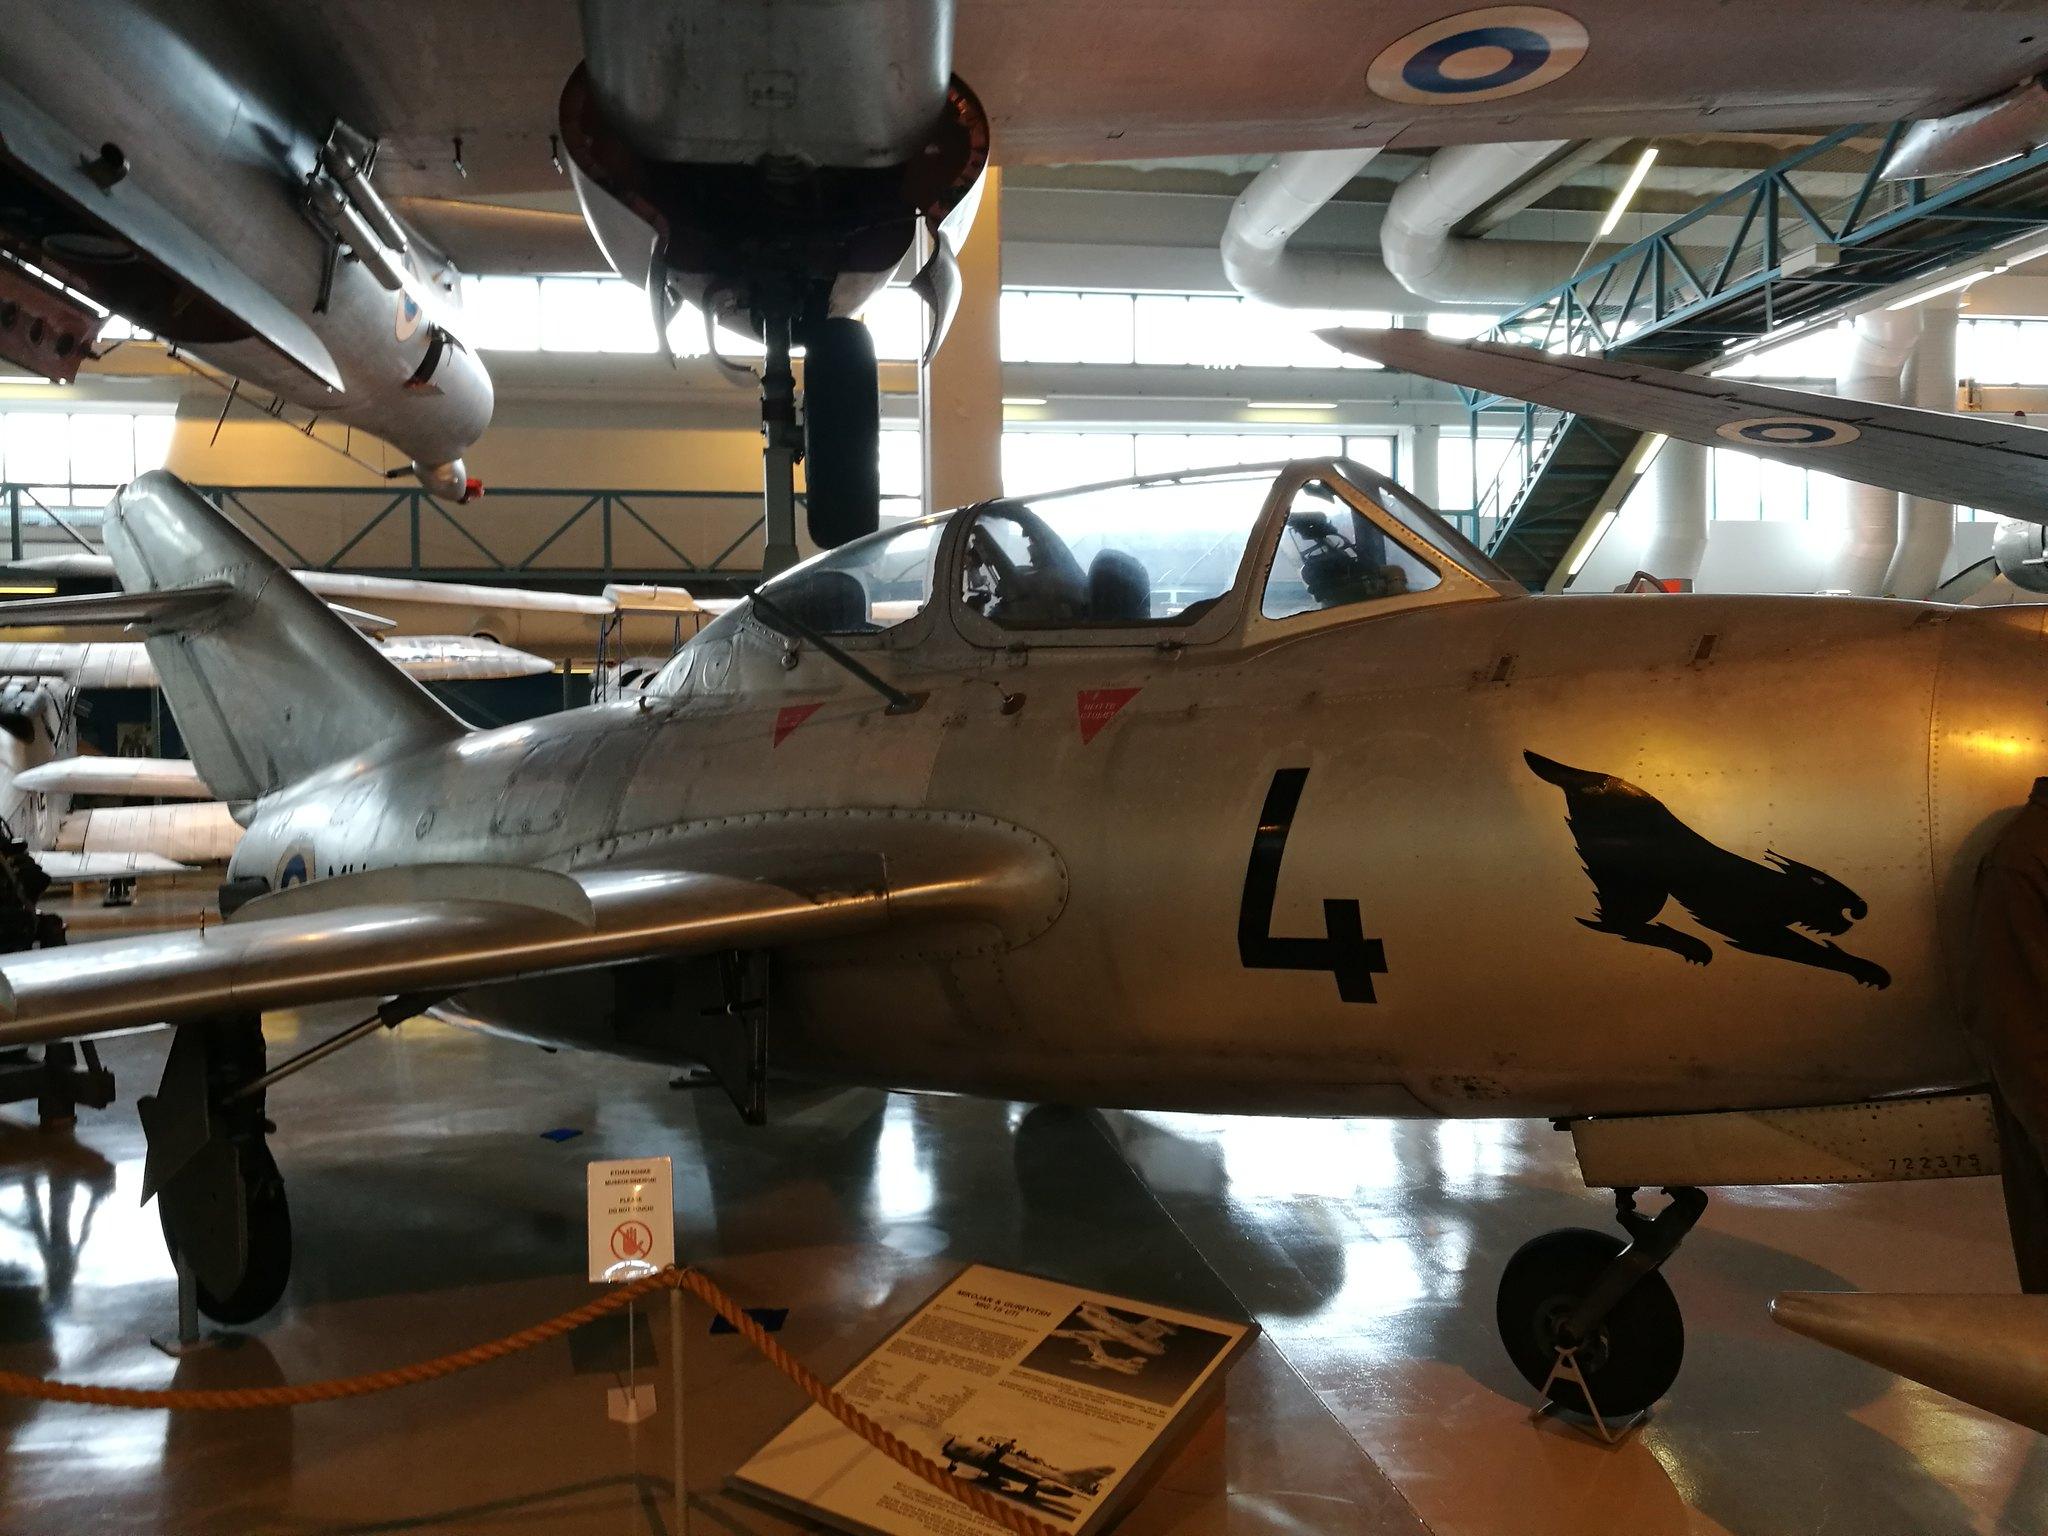 Hemkommen från semester i Finland med utflykt till Finlands Flygvapenmuseum. 48287370841_62a297f484_k